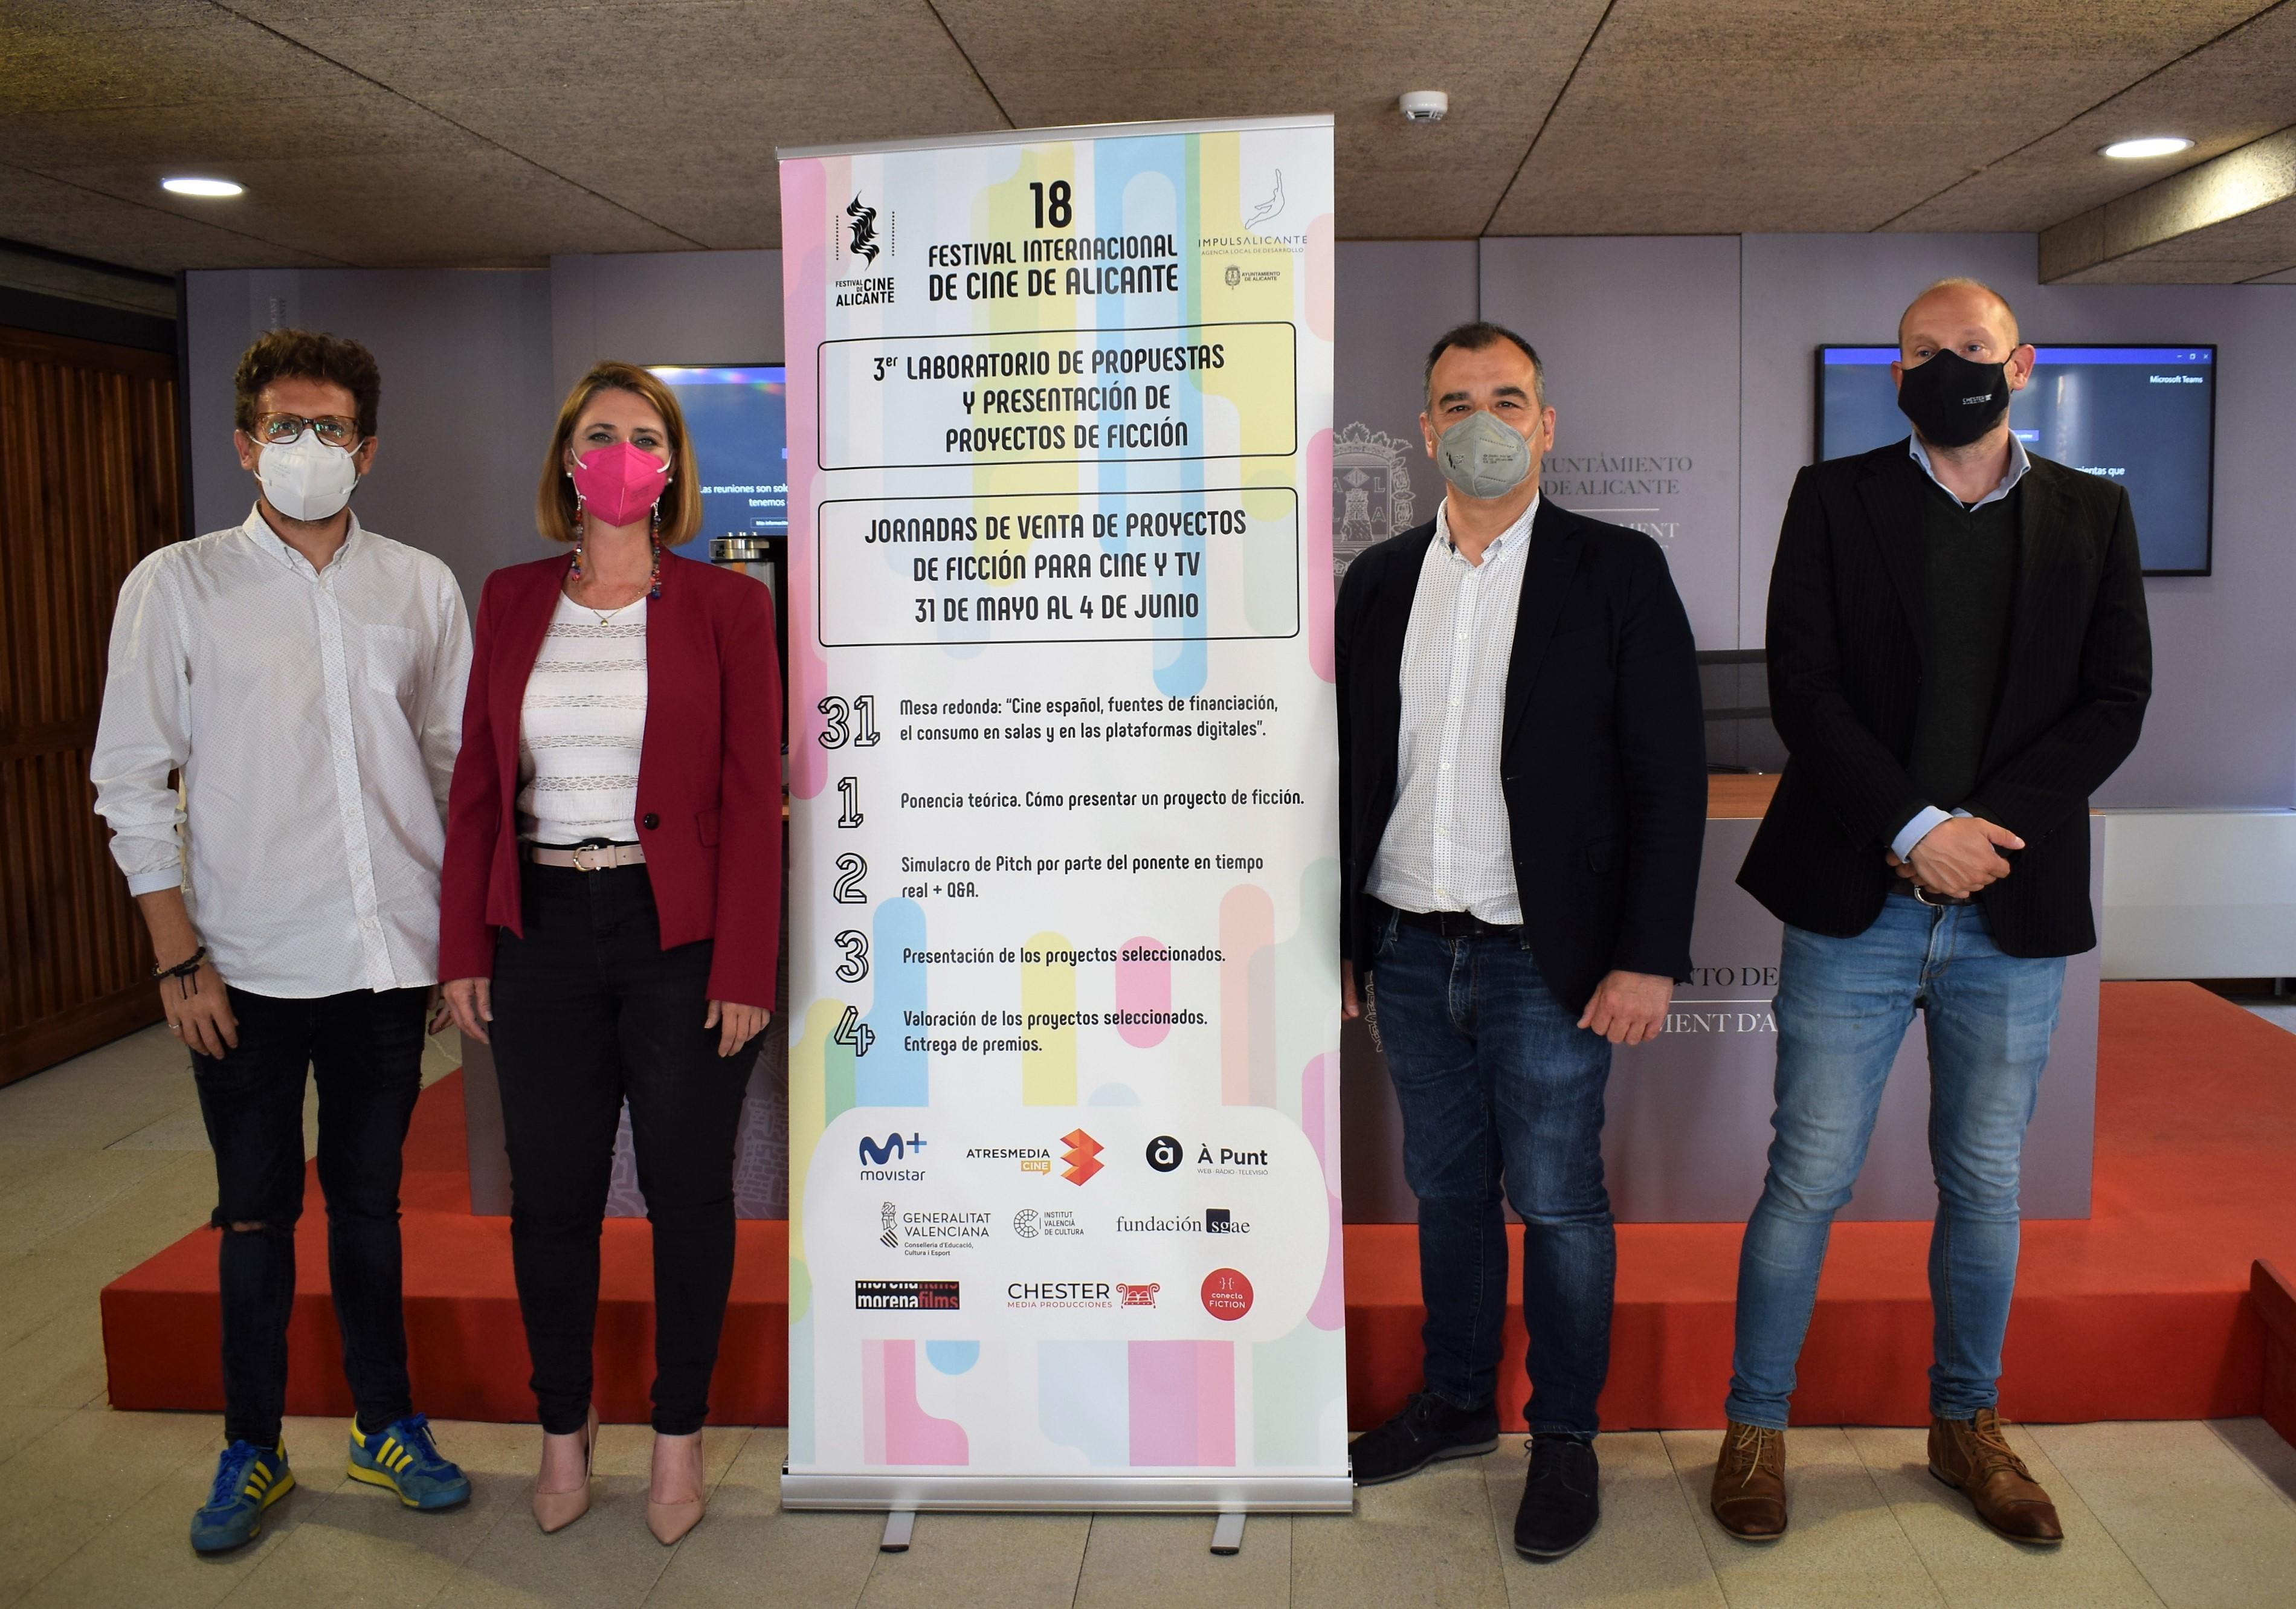 El Festival de Cine de Alicante recibe más de un centenar de proyectos de ficción para la tercera edición de su Laboratorio